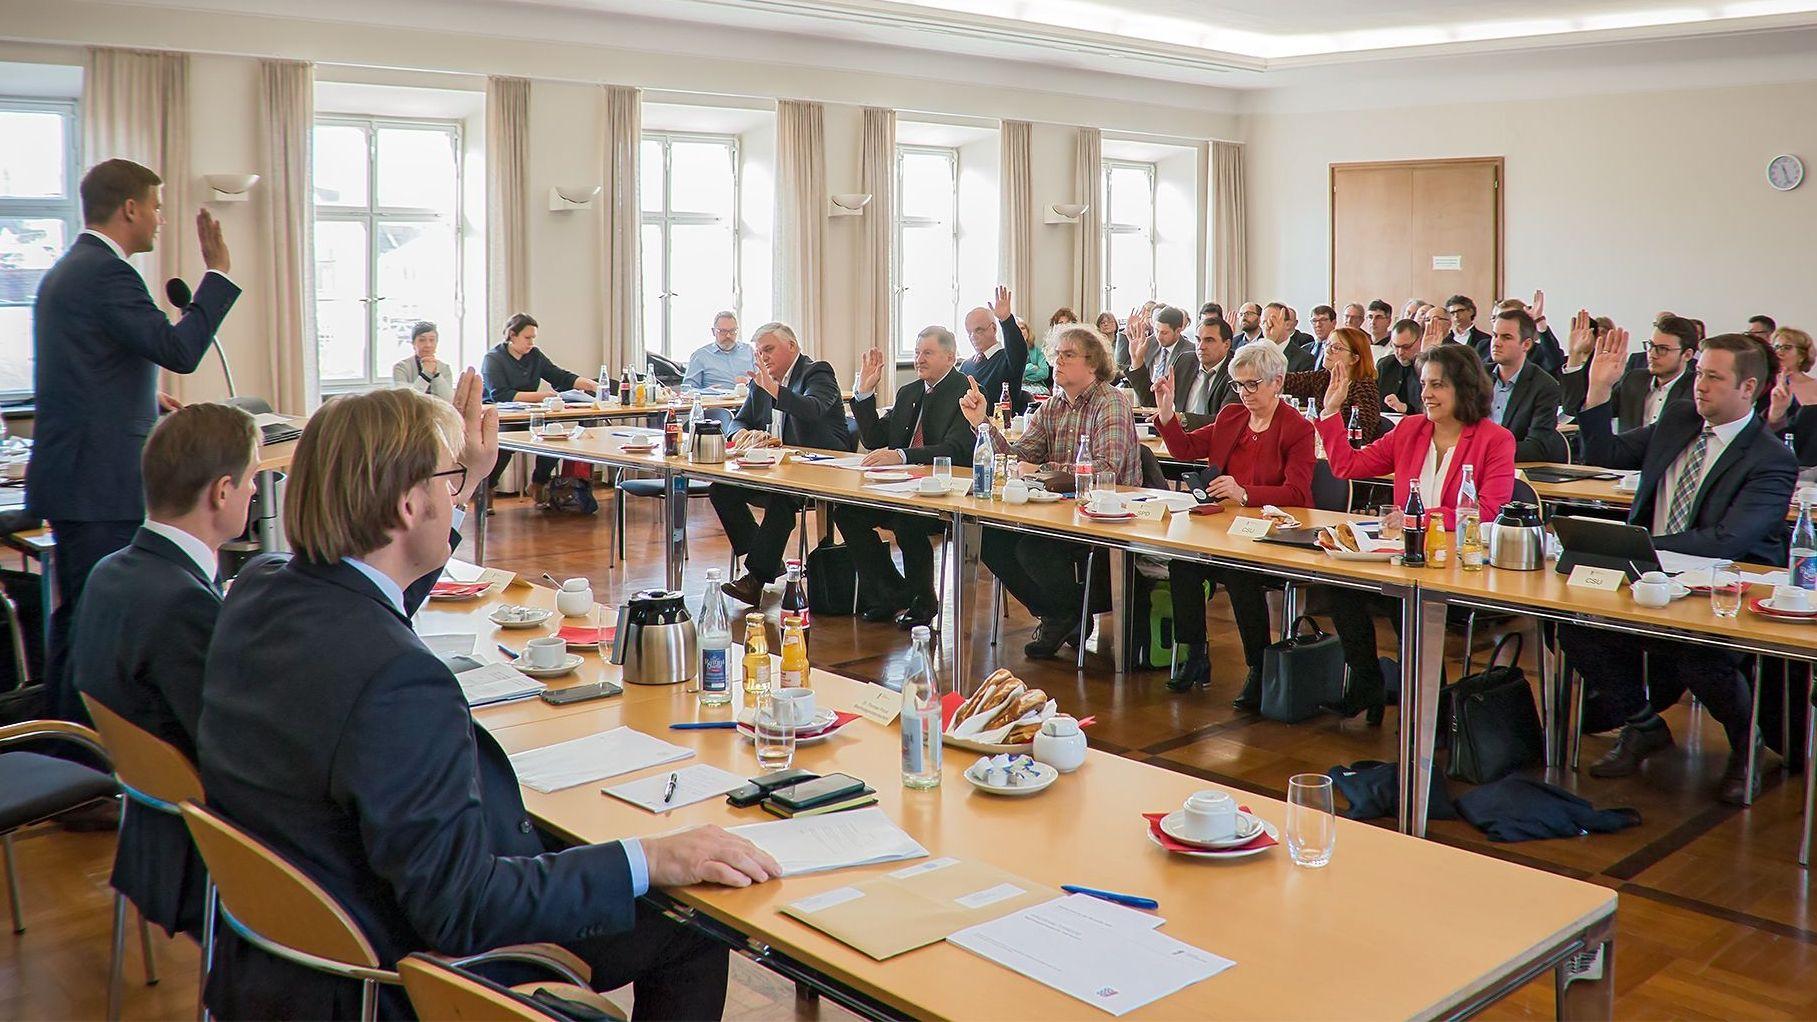 Die Mitglieder des Bezirkstags von Niederbayern stimmen über den Bezirkshaushalt 2020 ab